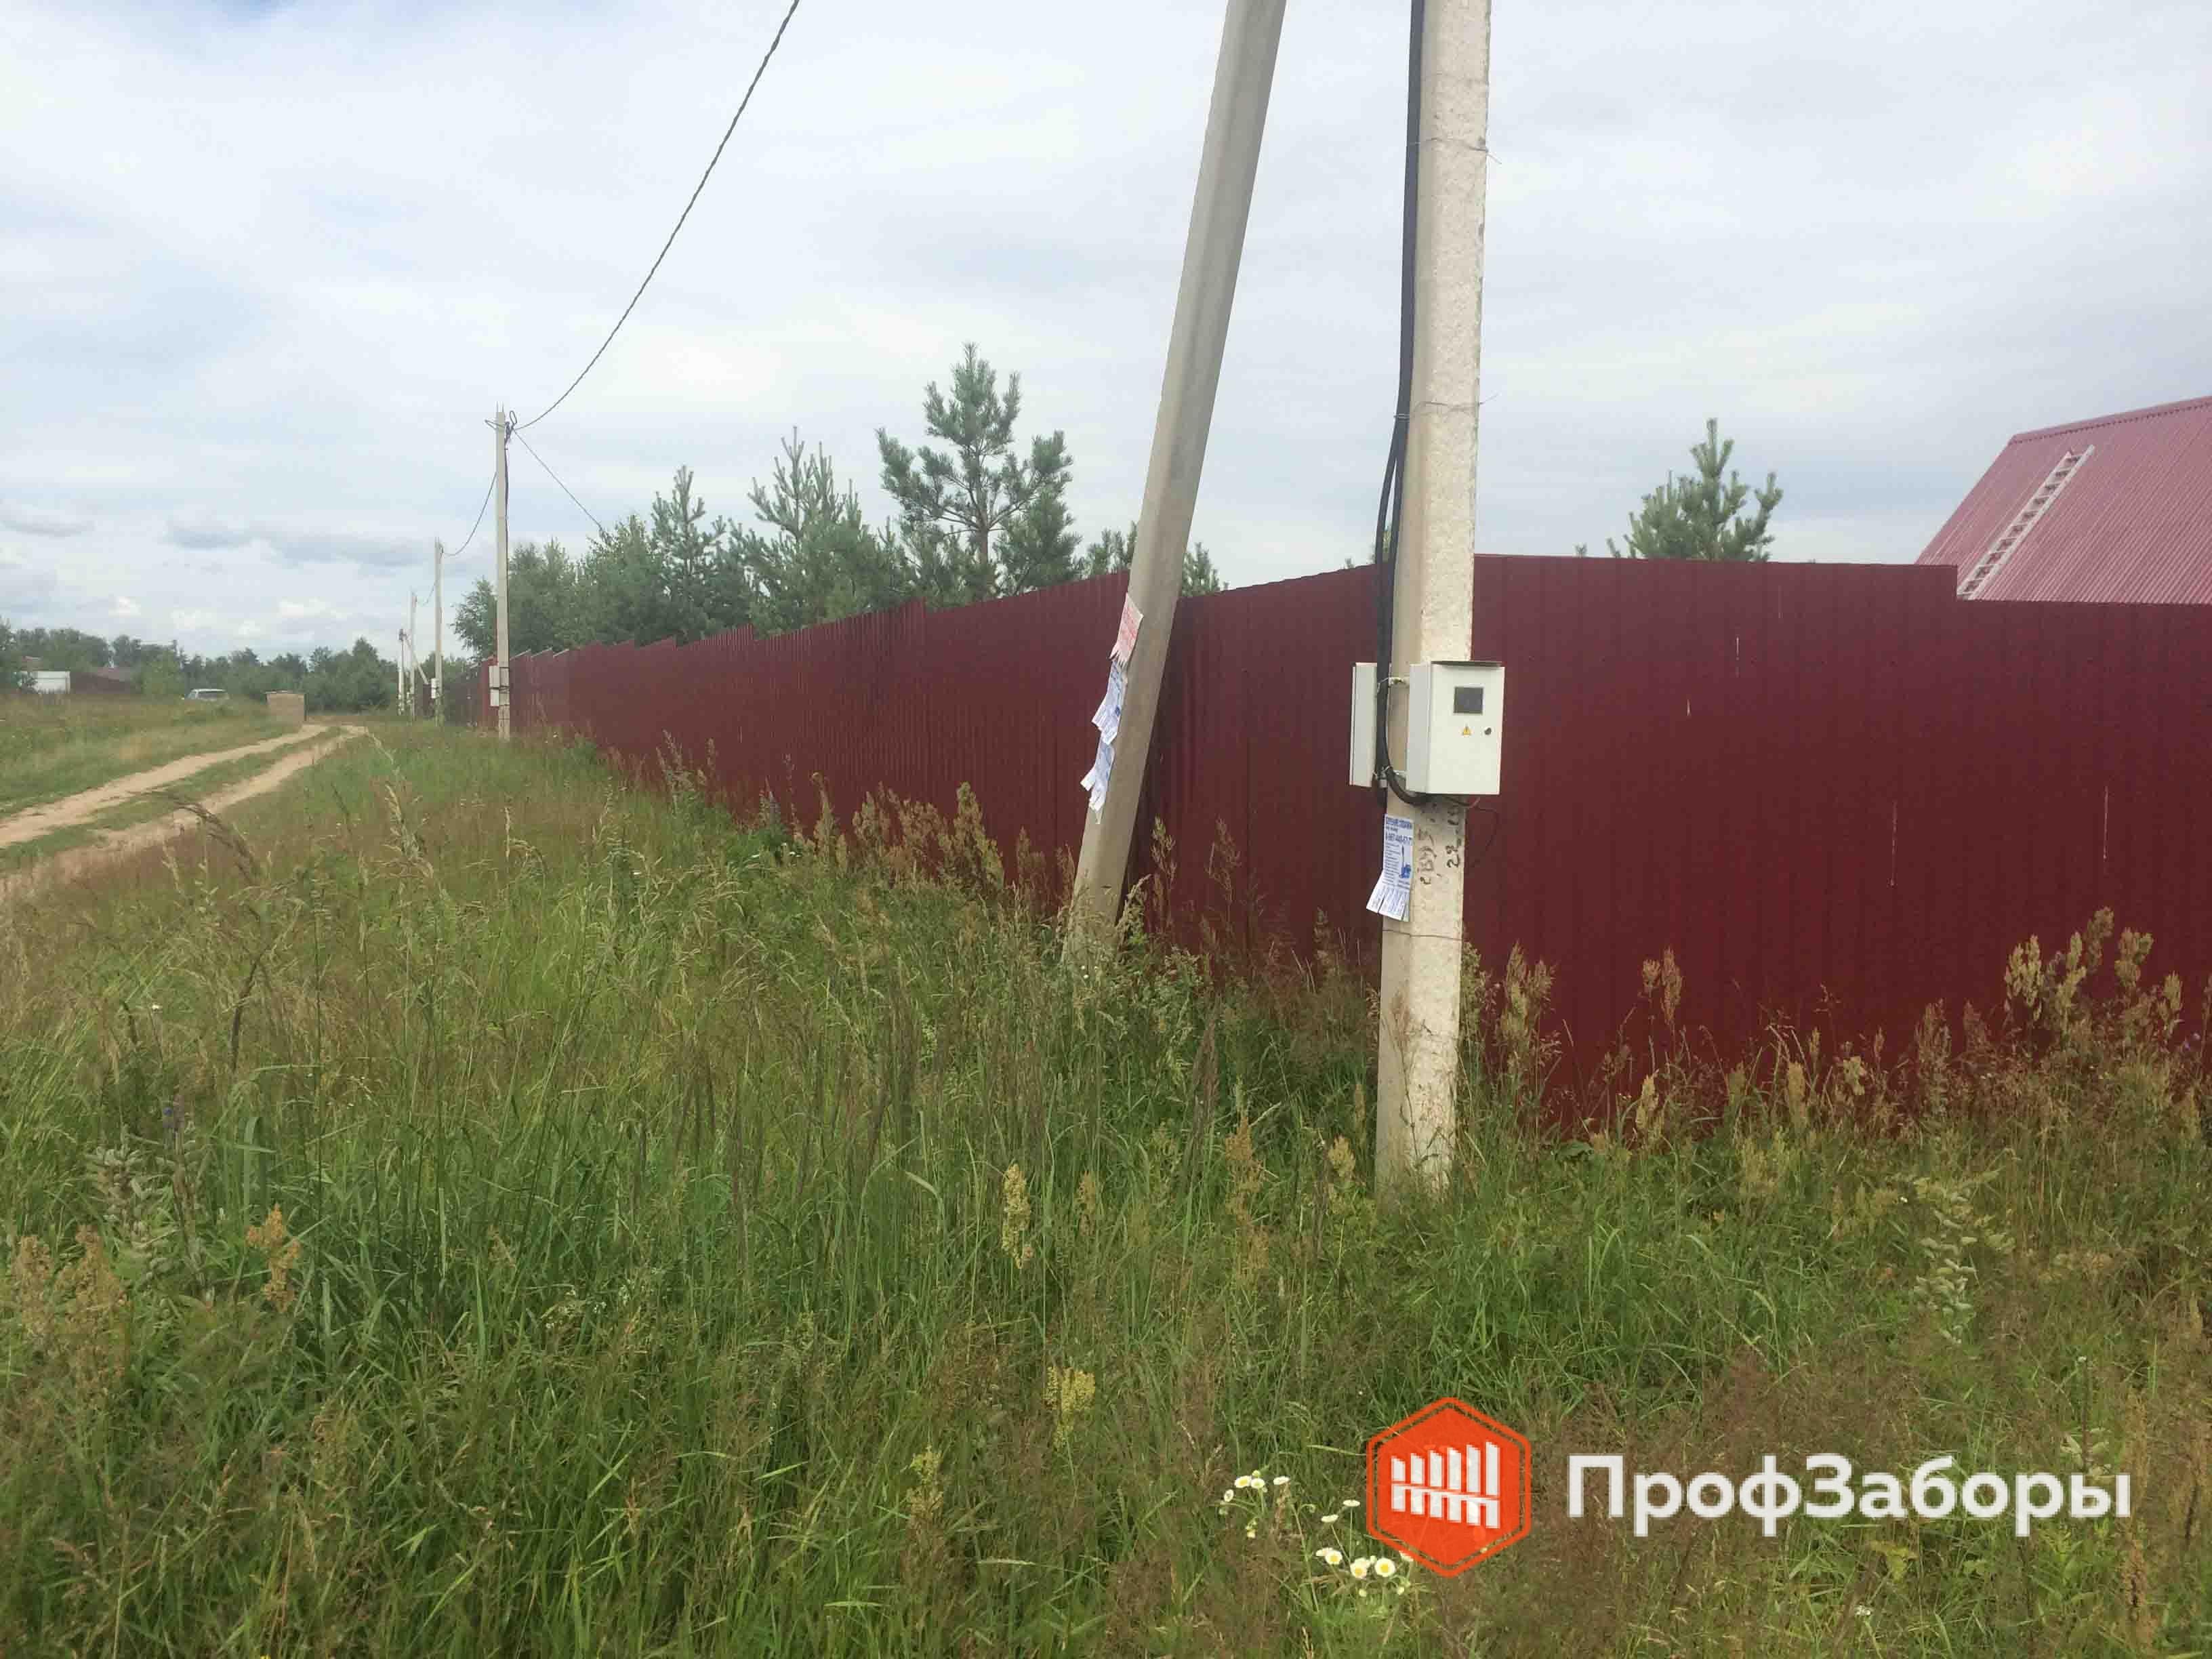 Заборы Из профнастила  - Городской округ Чехов. Фото 4